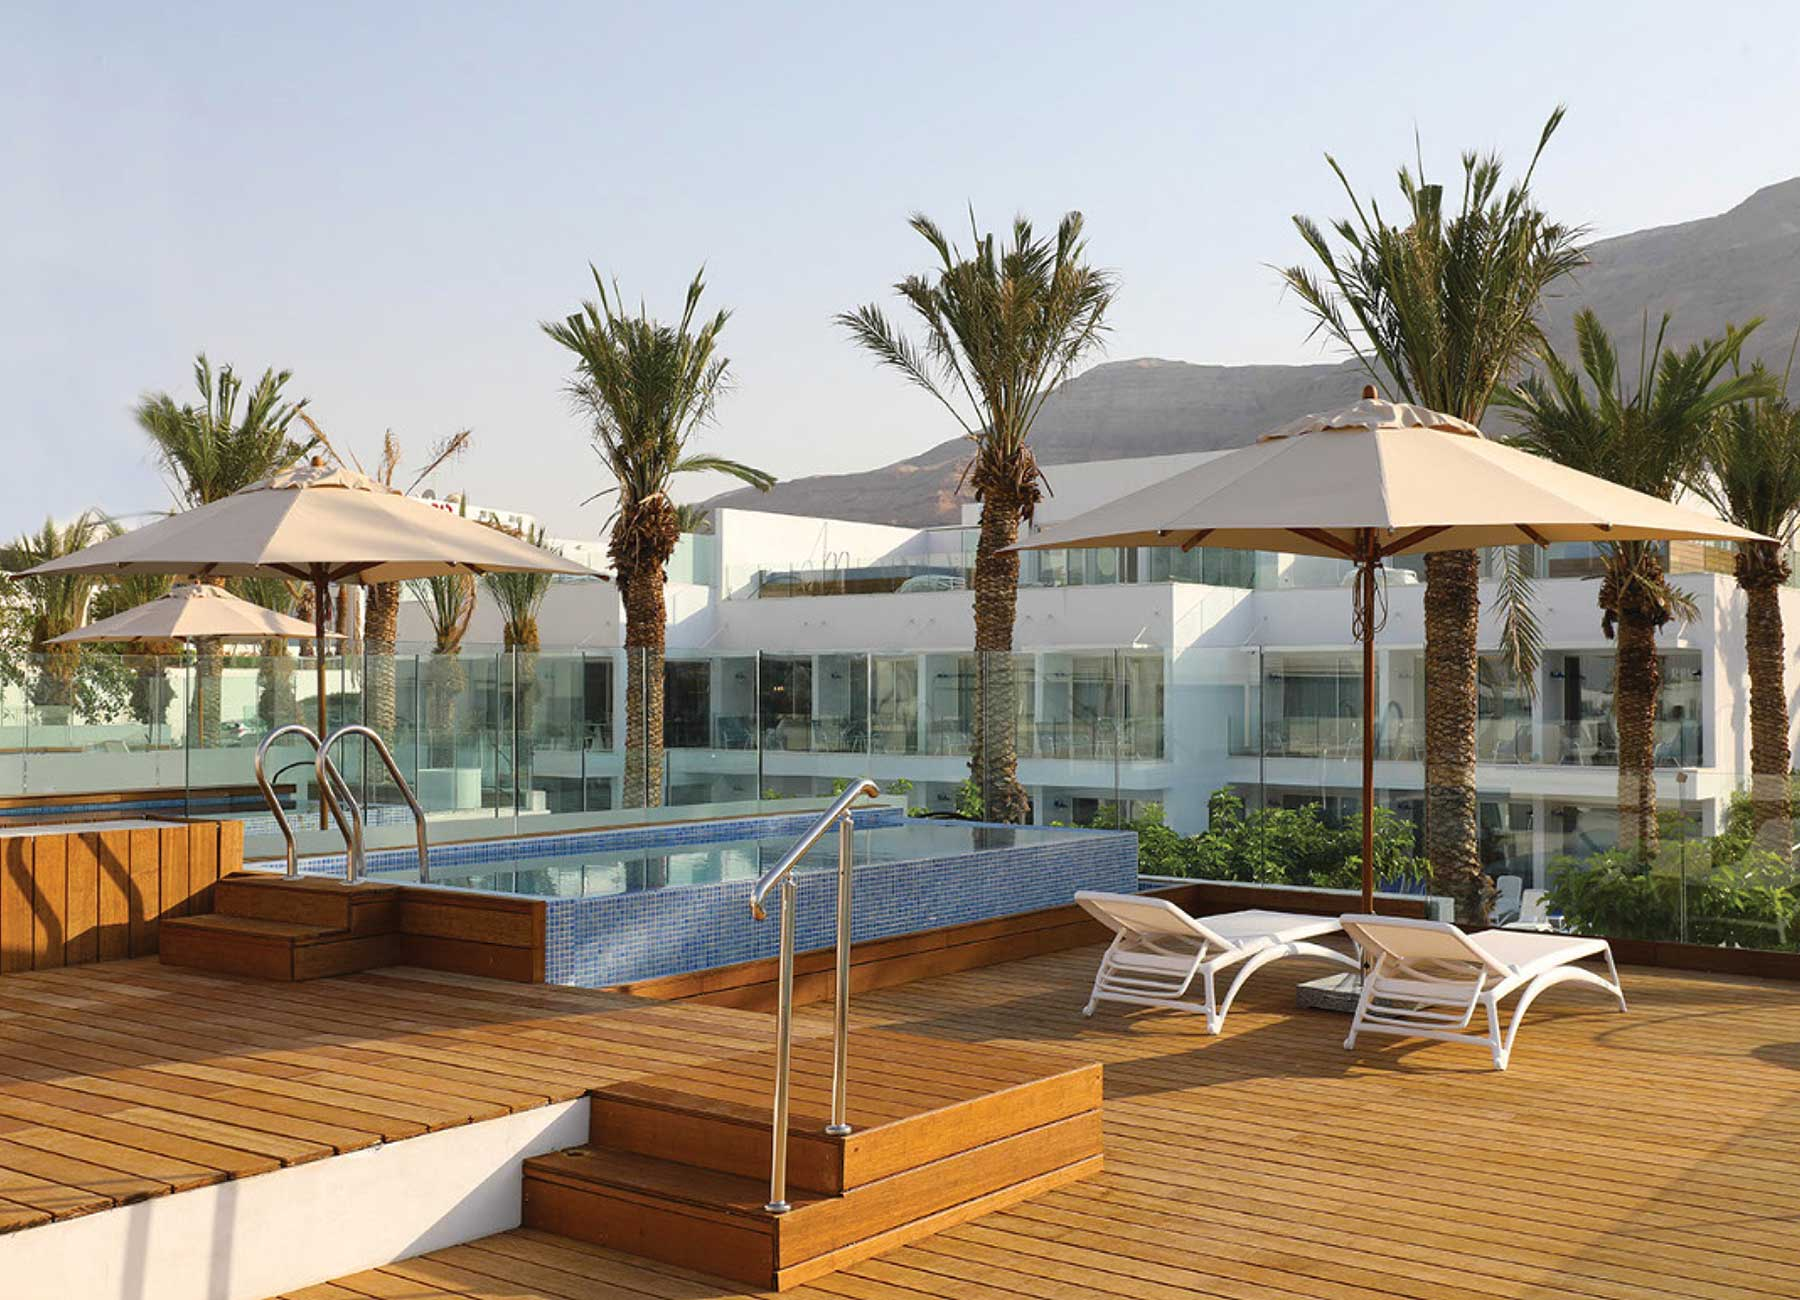 חדר פרימיום עם בריכה במלון מילוס ים המלח